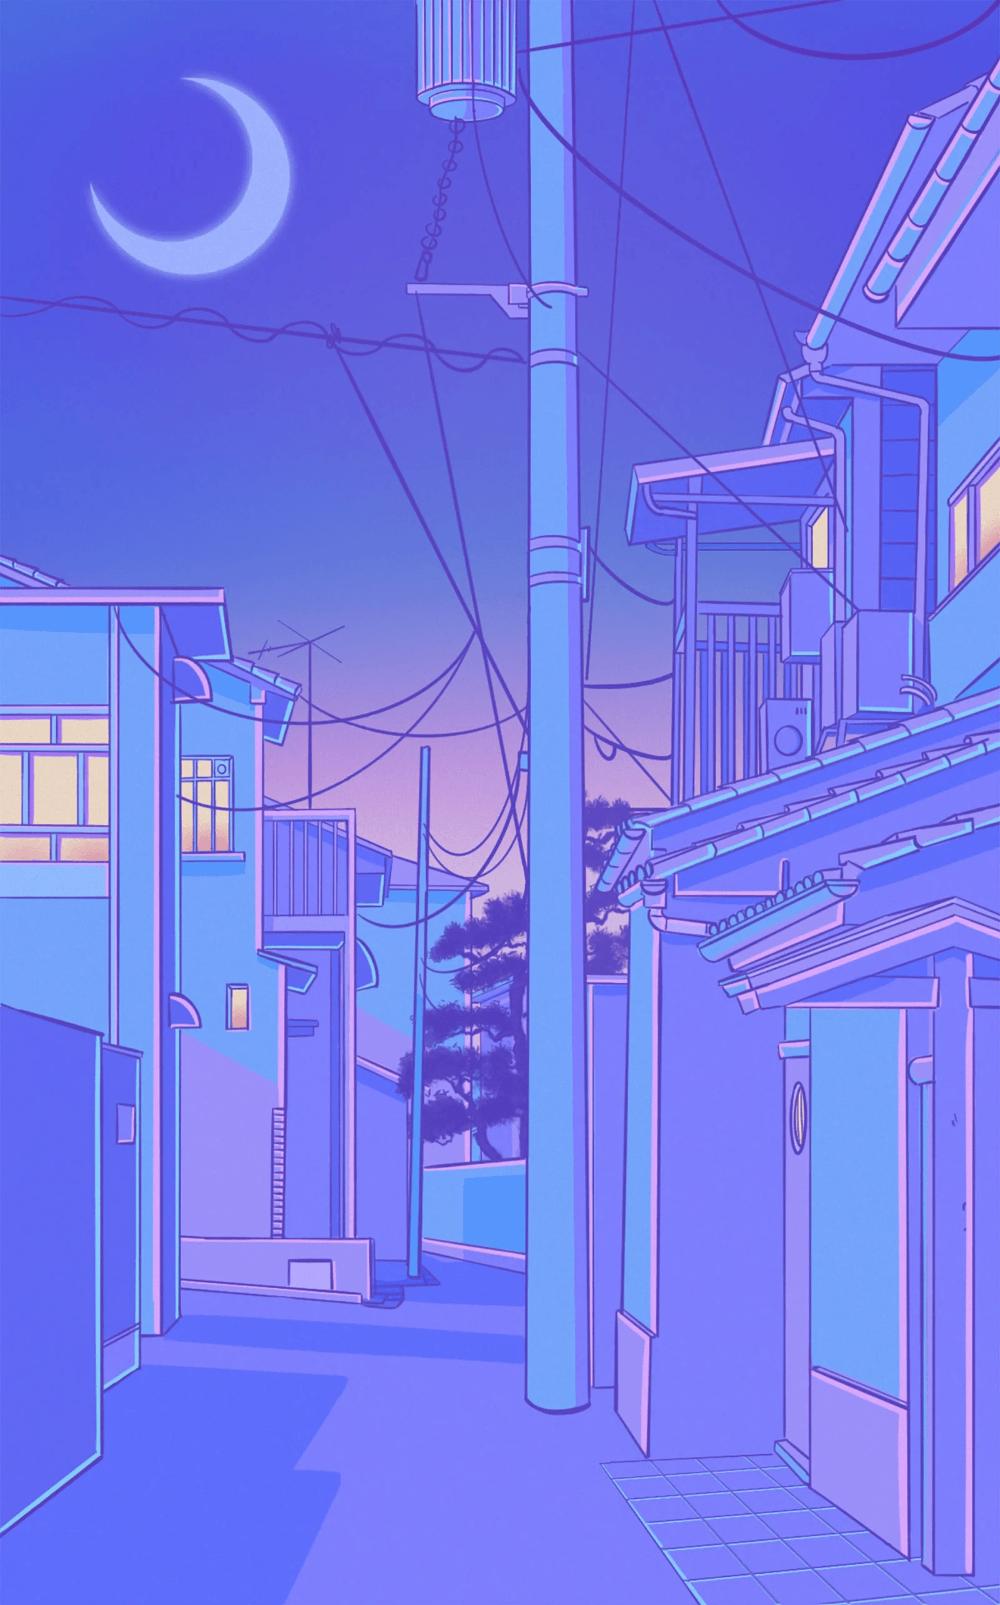 1000x1605 Tokyo Streetcapes vào năm 2020. Màu xanh pastel thẩm mỹ, Hình nền màu phấn thẩm mỹ, Hình nền thẩm mỹ